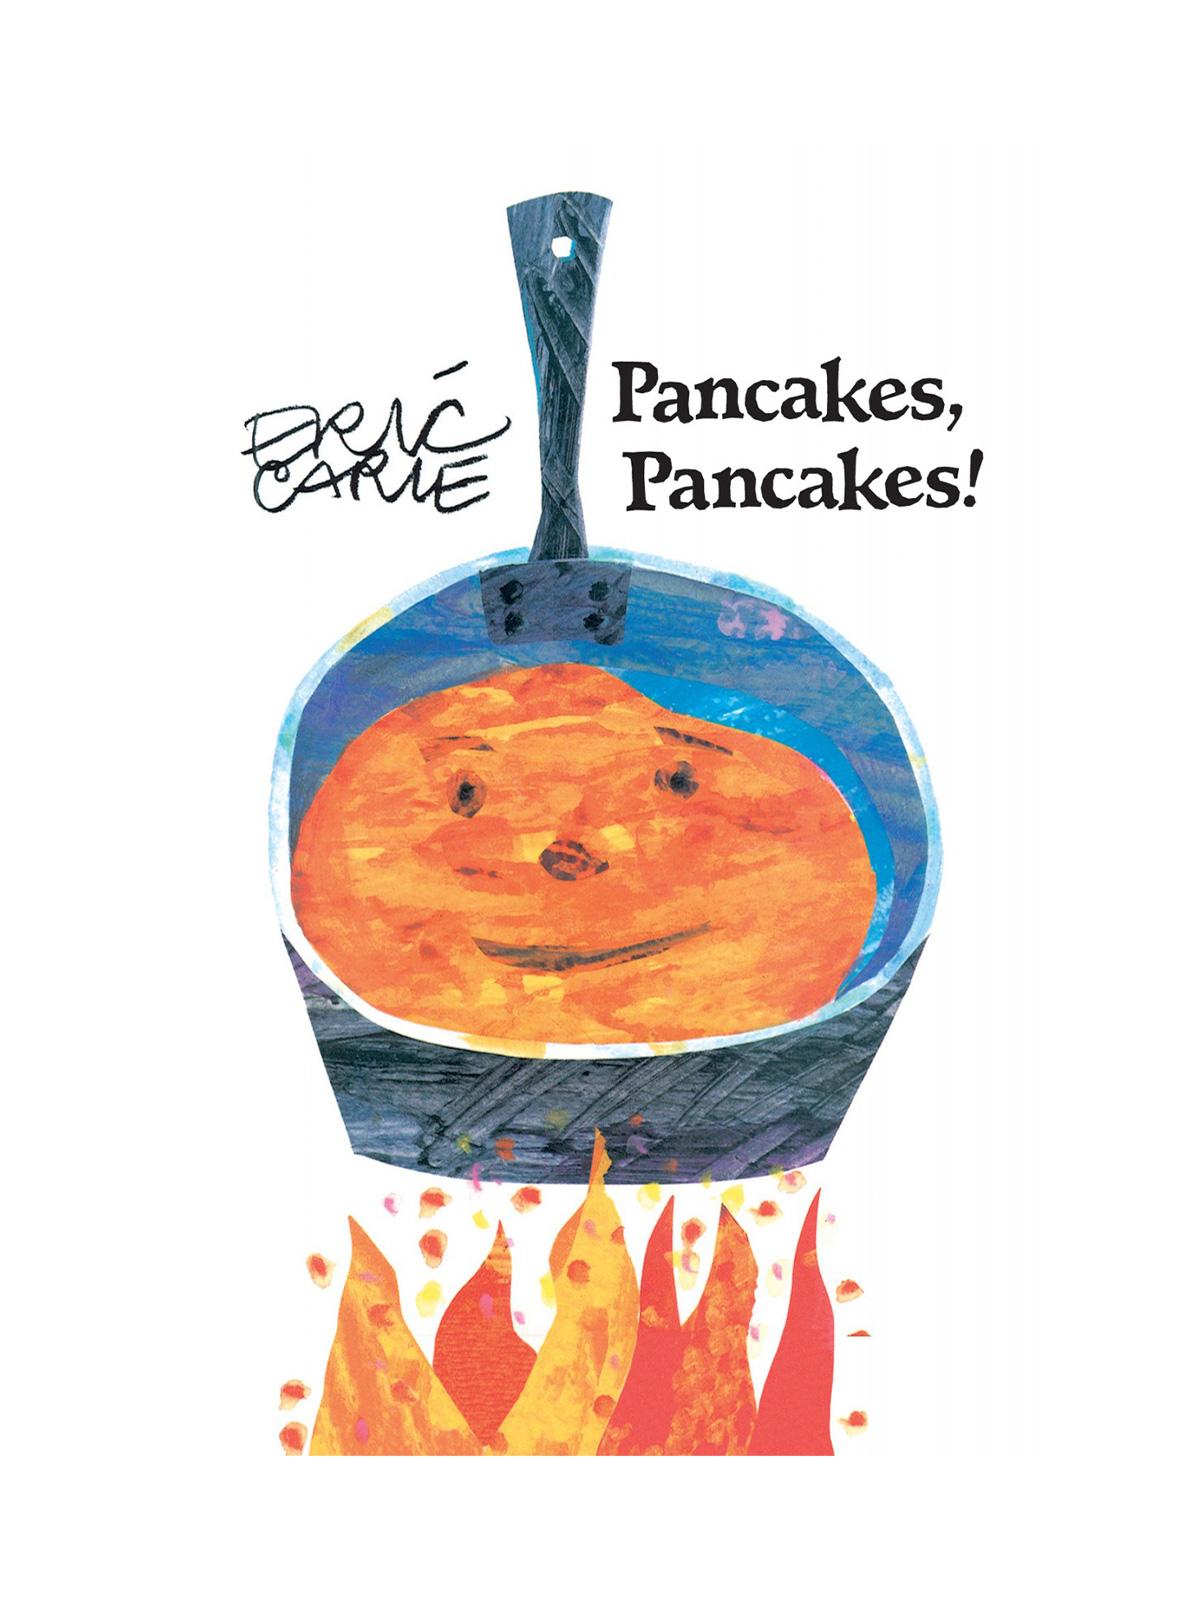 chm-eric-carle-pancakes-pancakes